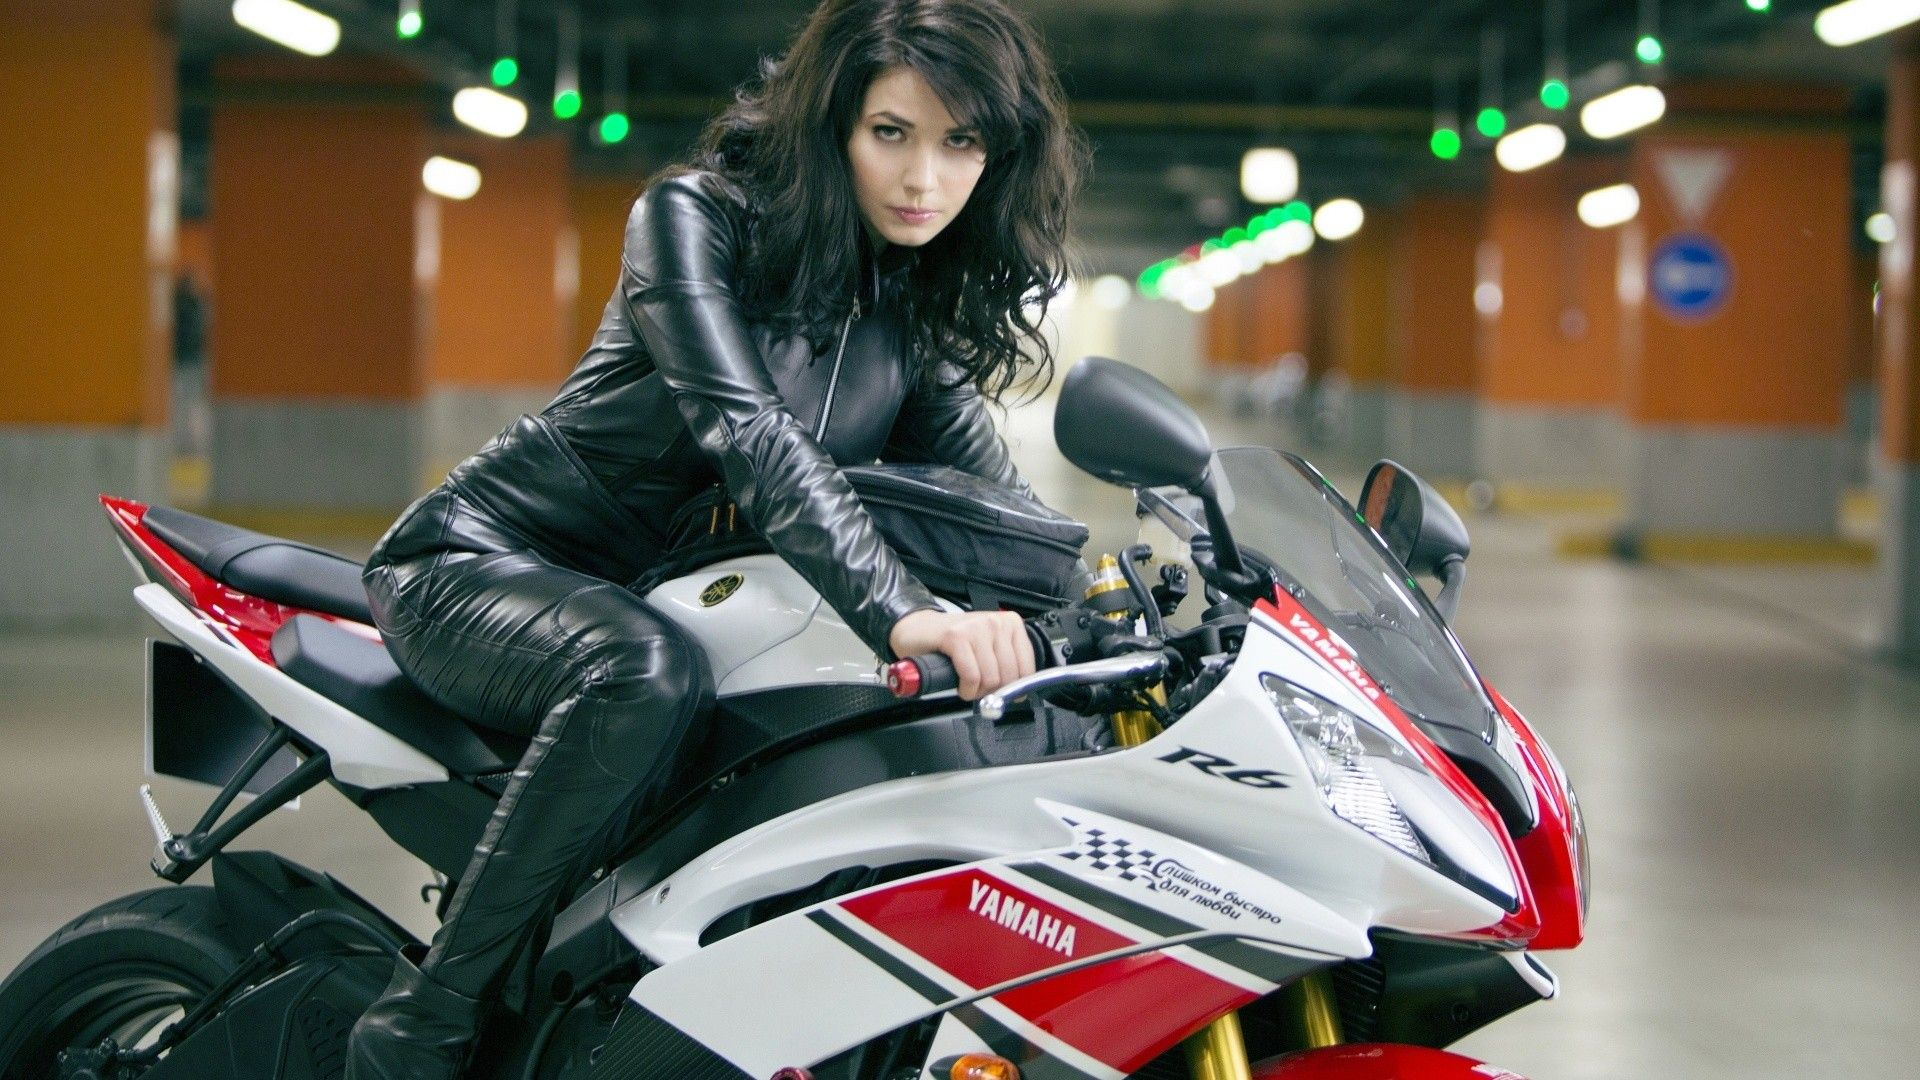 Yamaha motorcycle gloves india - Yamaha Girl